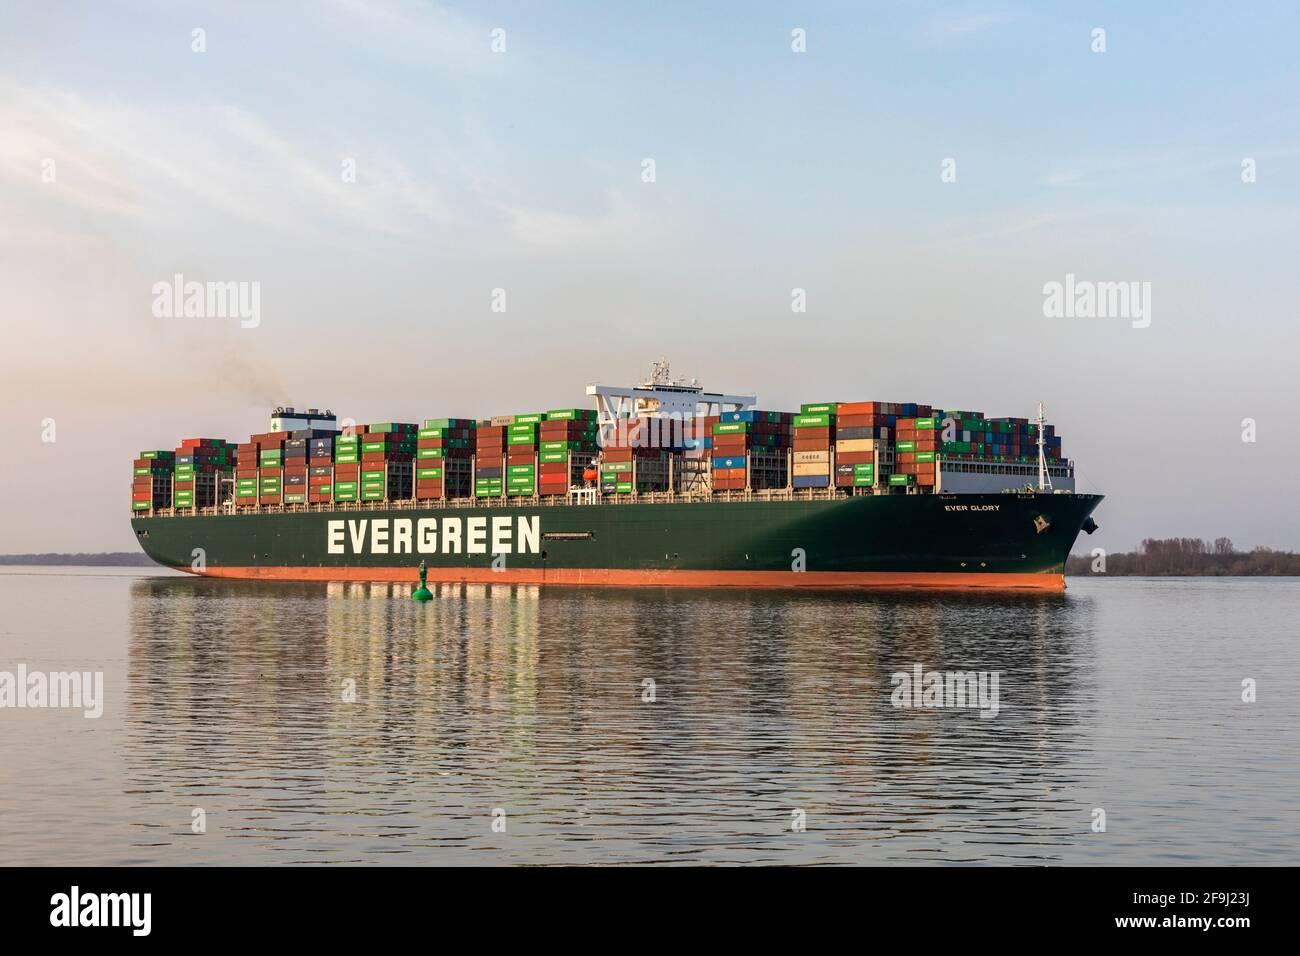 Navire-conteneur TOUJOURS GLORY, propriété d'Evergreen Marine Corp. (Taiwan) Ltd., sur la rivière Elbe en direction de Hambourg Banque D'Images